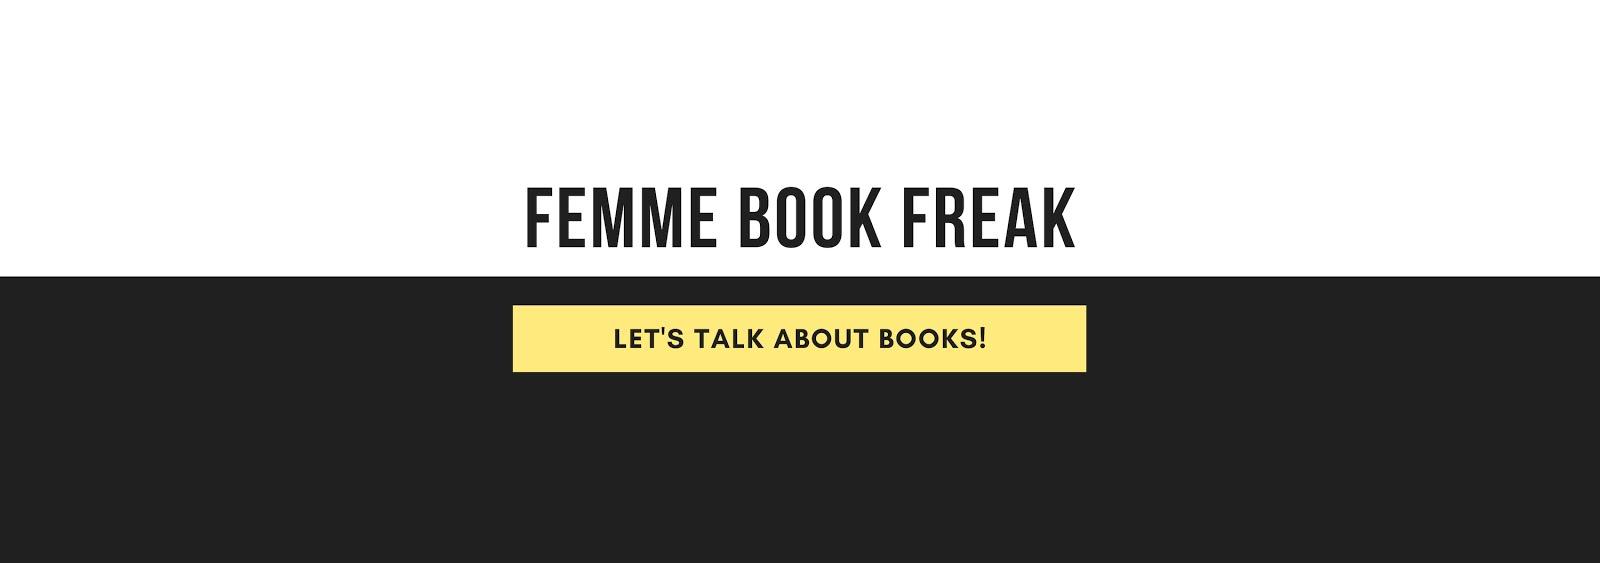 Femme Book Freak